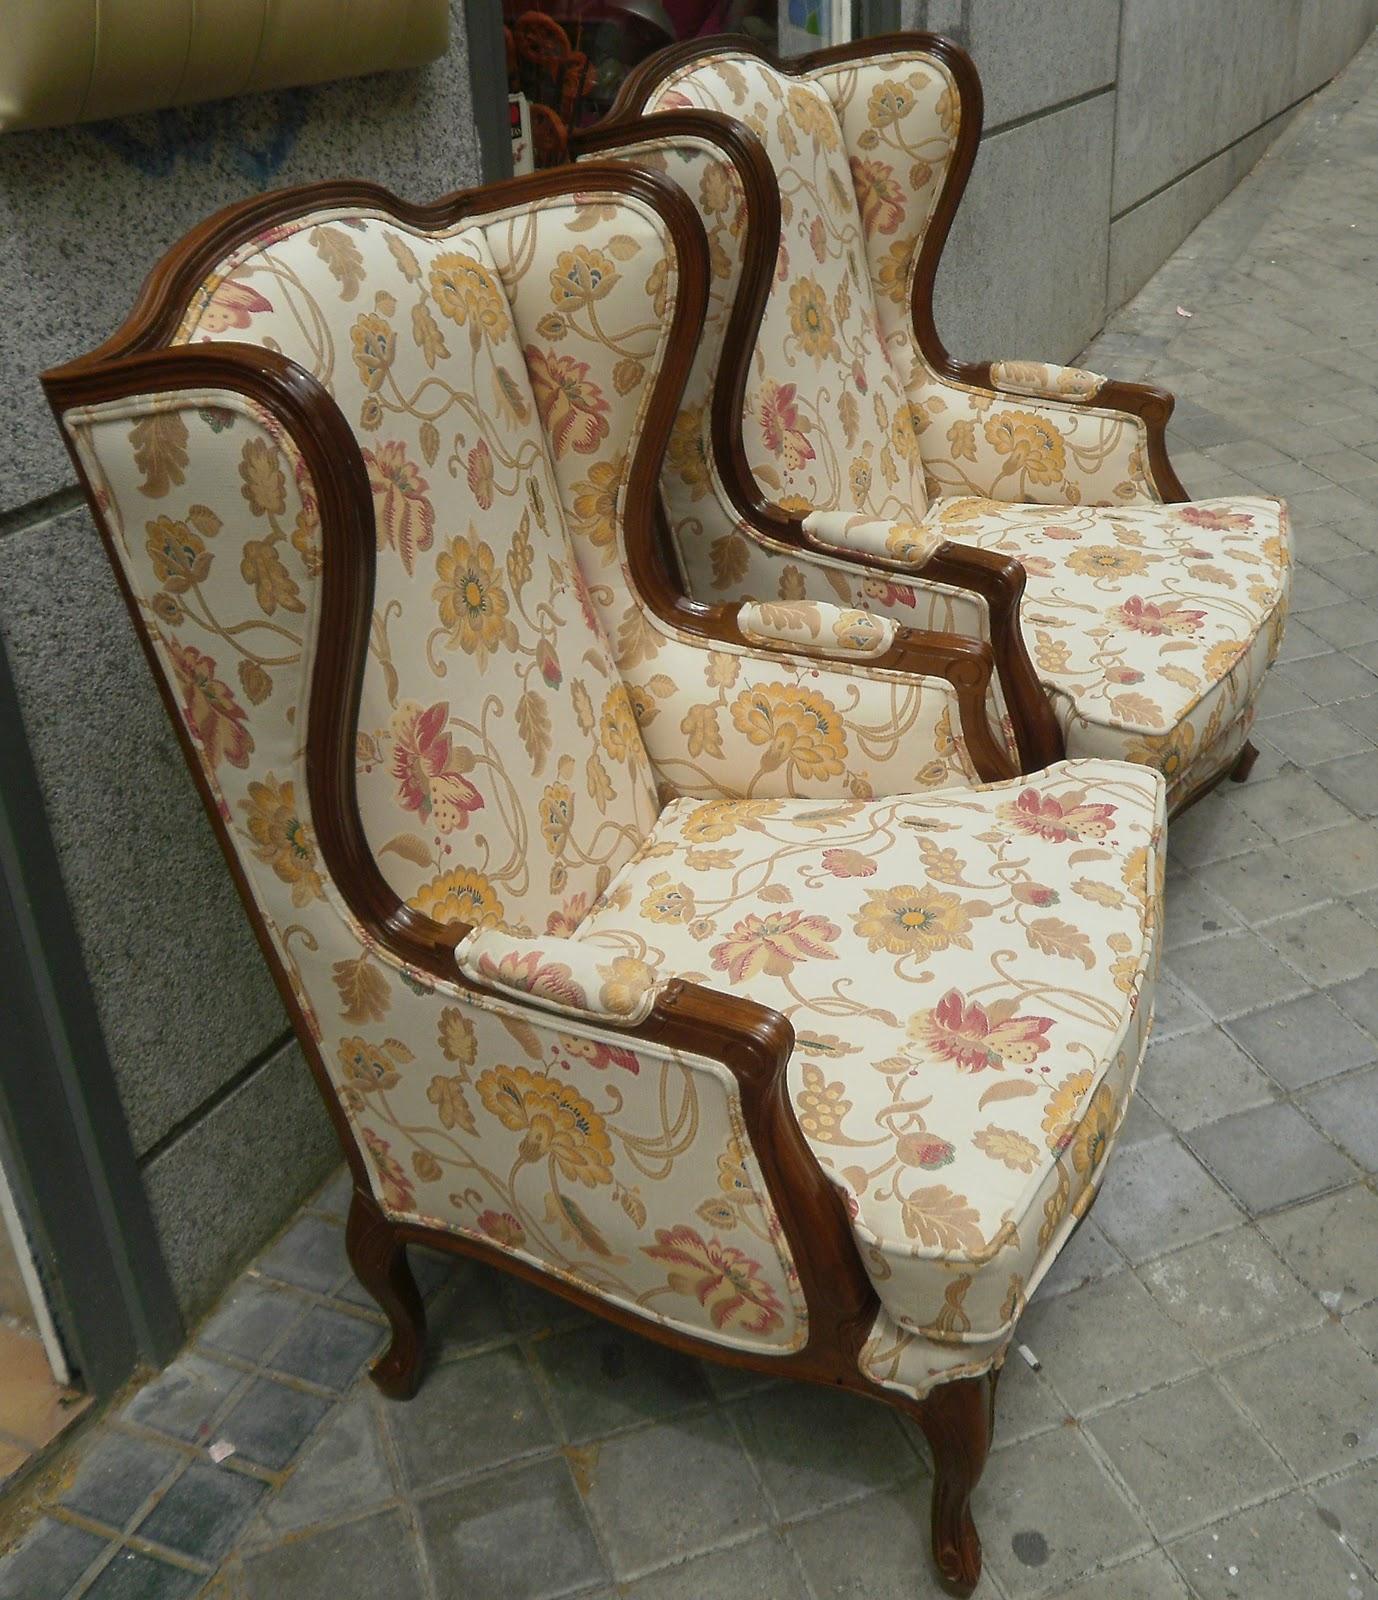 Telas para tapizar sillones orejeros top orejeros - Telas de tapiceria para sillones ...